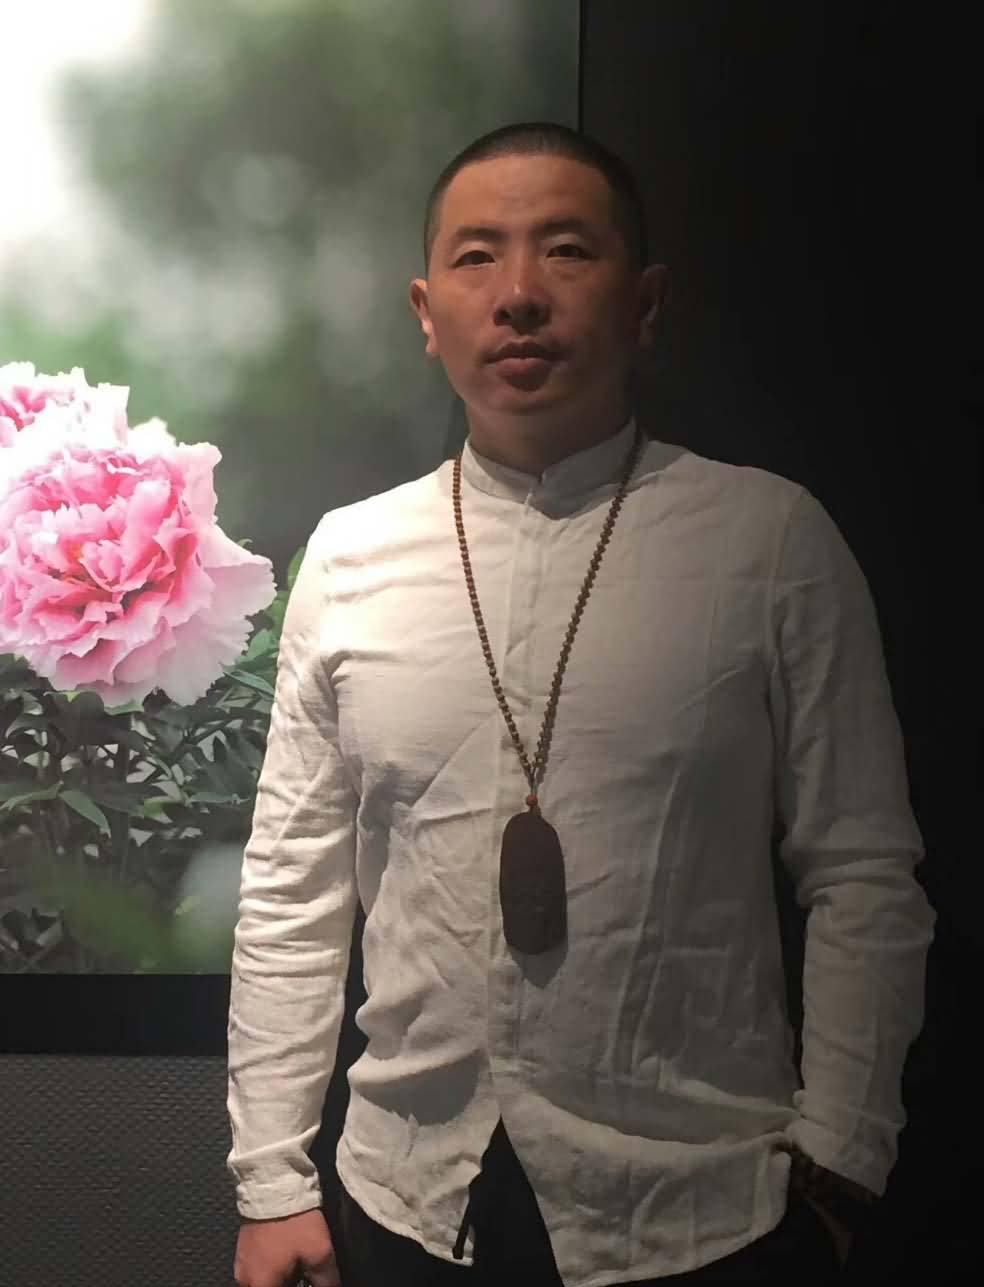 雍荷堂珐琅彩瓷器艺术总监刘进大师